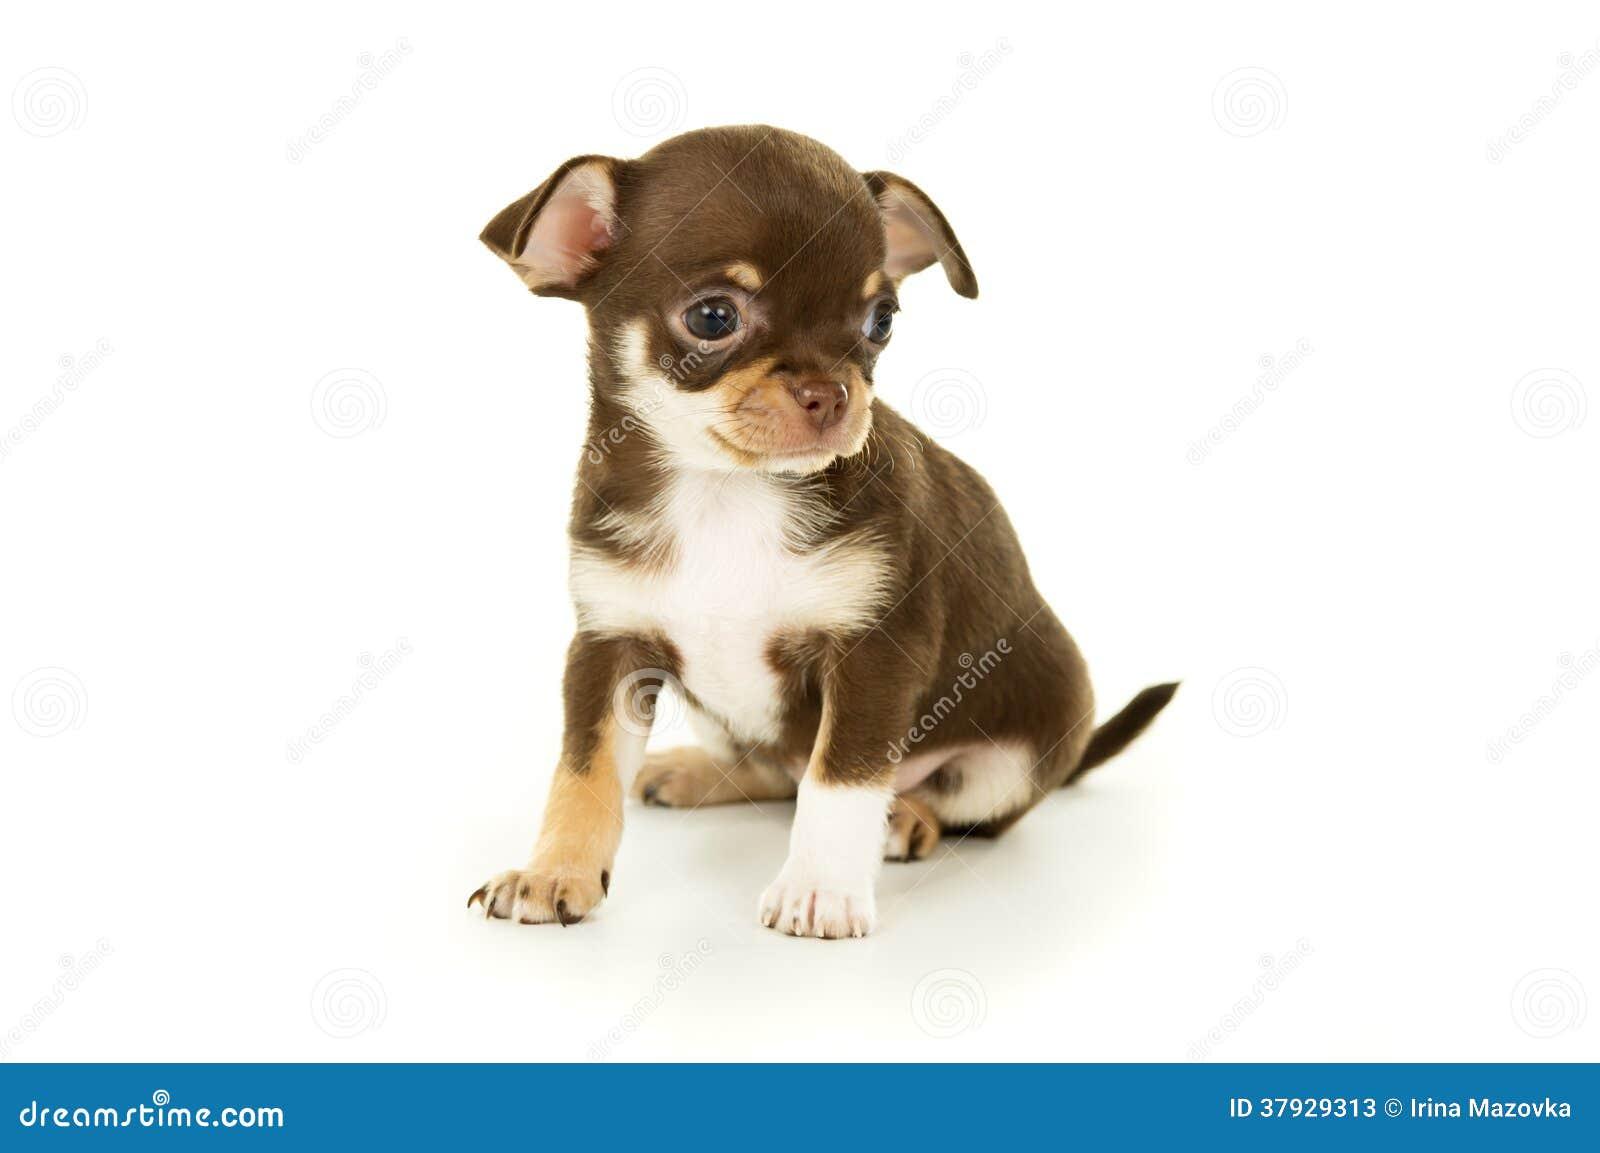 Beautiful little chihuahua puppy sitting